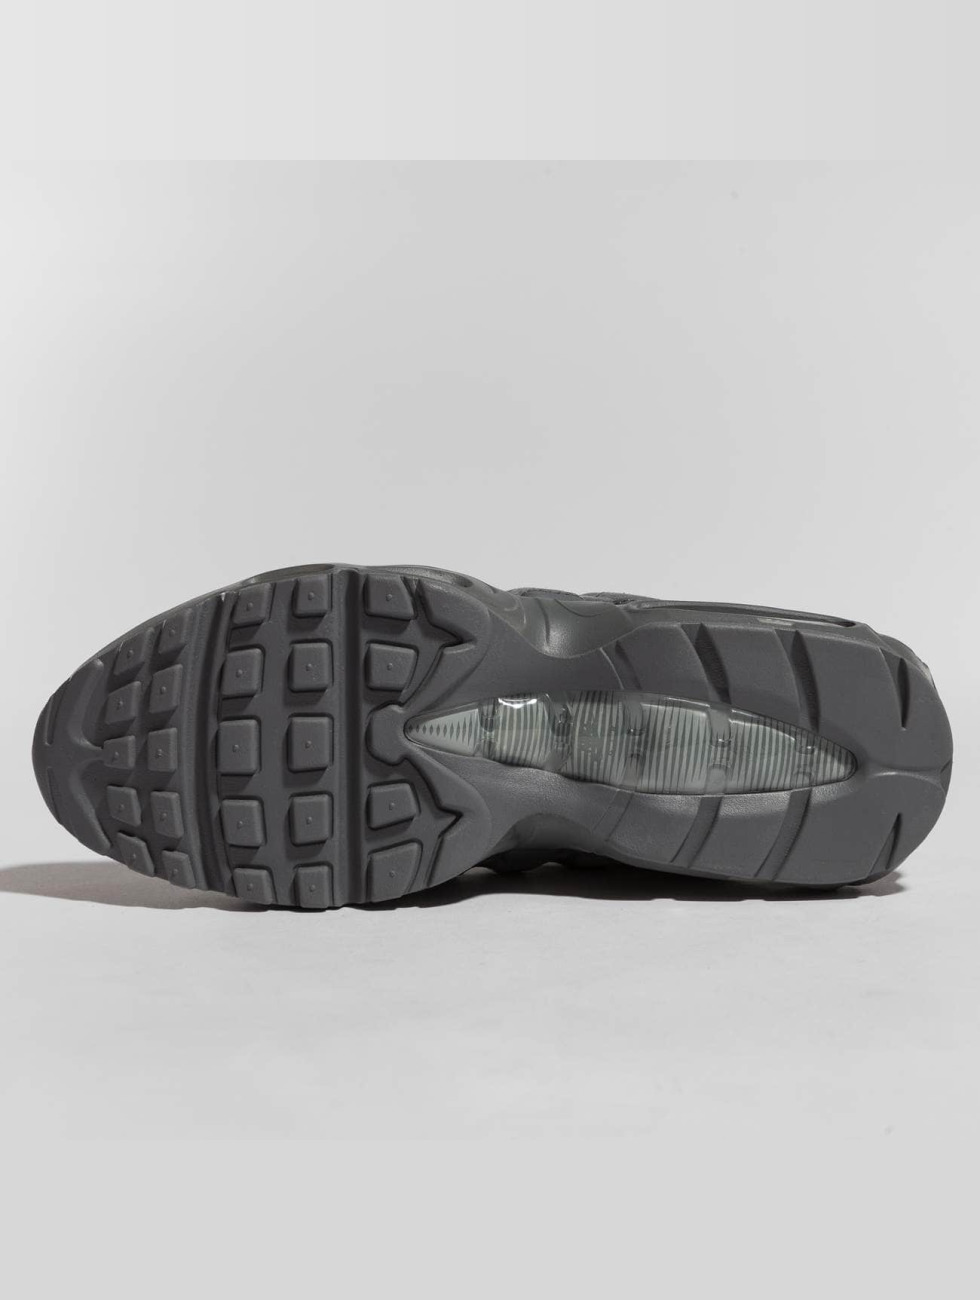 Nike Air Chaussure / Basket Max 95 Essentiel En Gris 443833 Date De Sortie De Vente Meilleur Prix Pas Cher Prix Pas Cher Classique Jeu En Ligne Réduction Aaa x2QFld